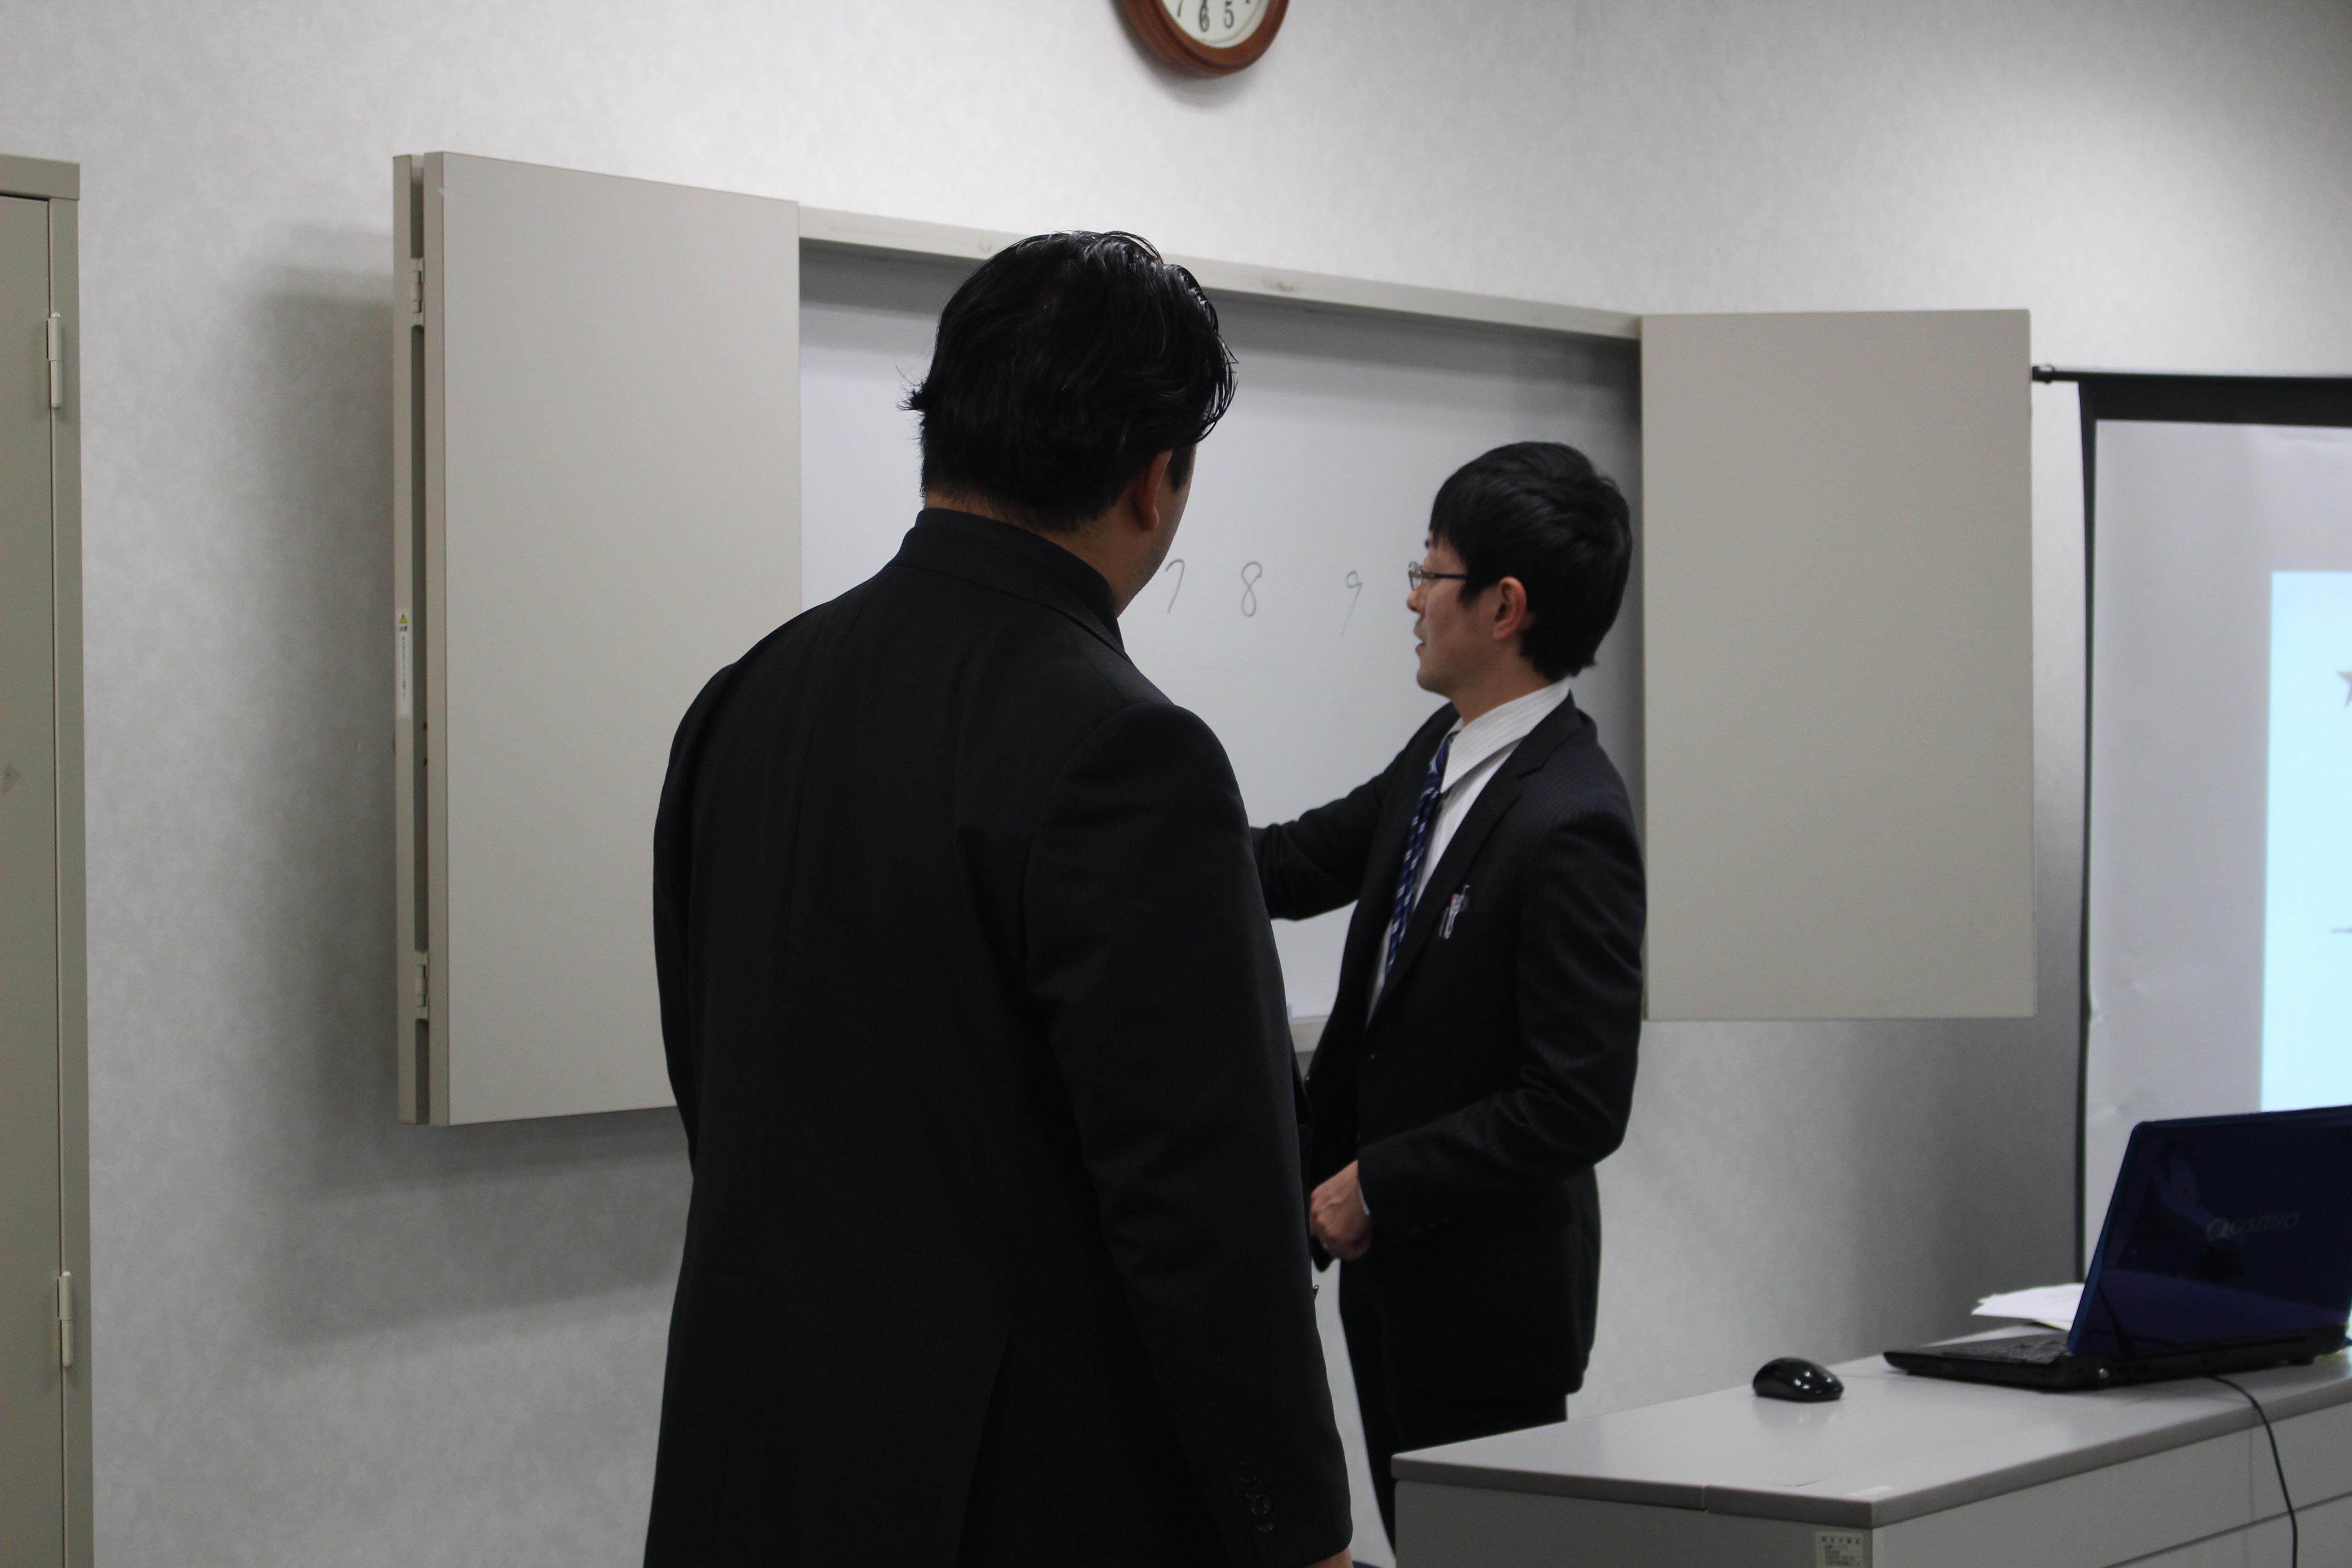 外国人向け勉強会 in岡谷市のイルフプラザ テーマ「社会保険一般」